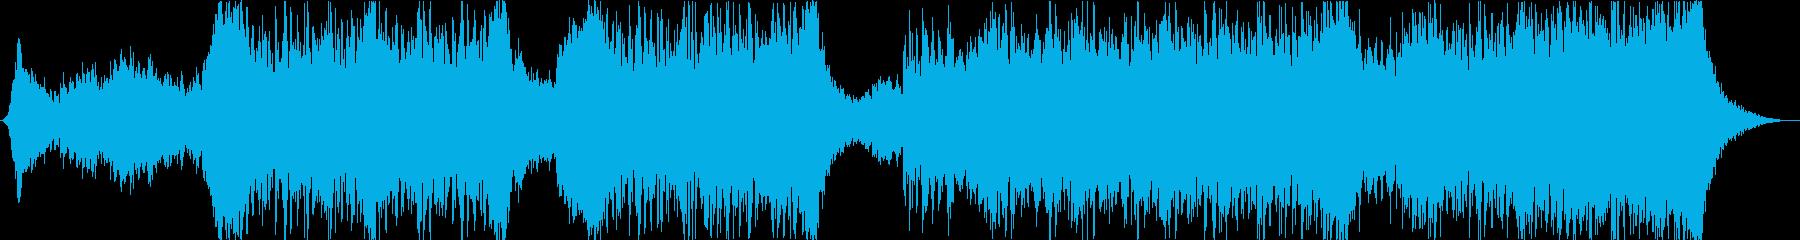 何かが迫ってくるような緊迫したサウンドの再生済みの波形